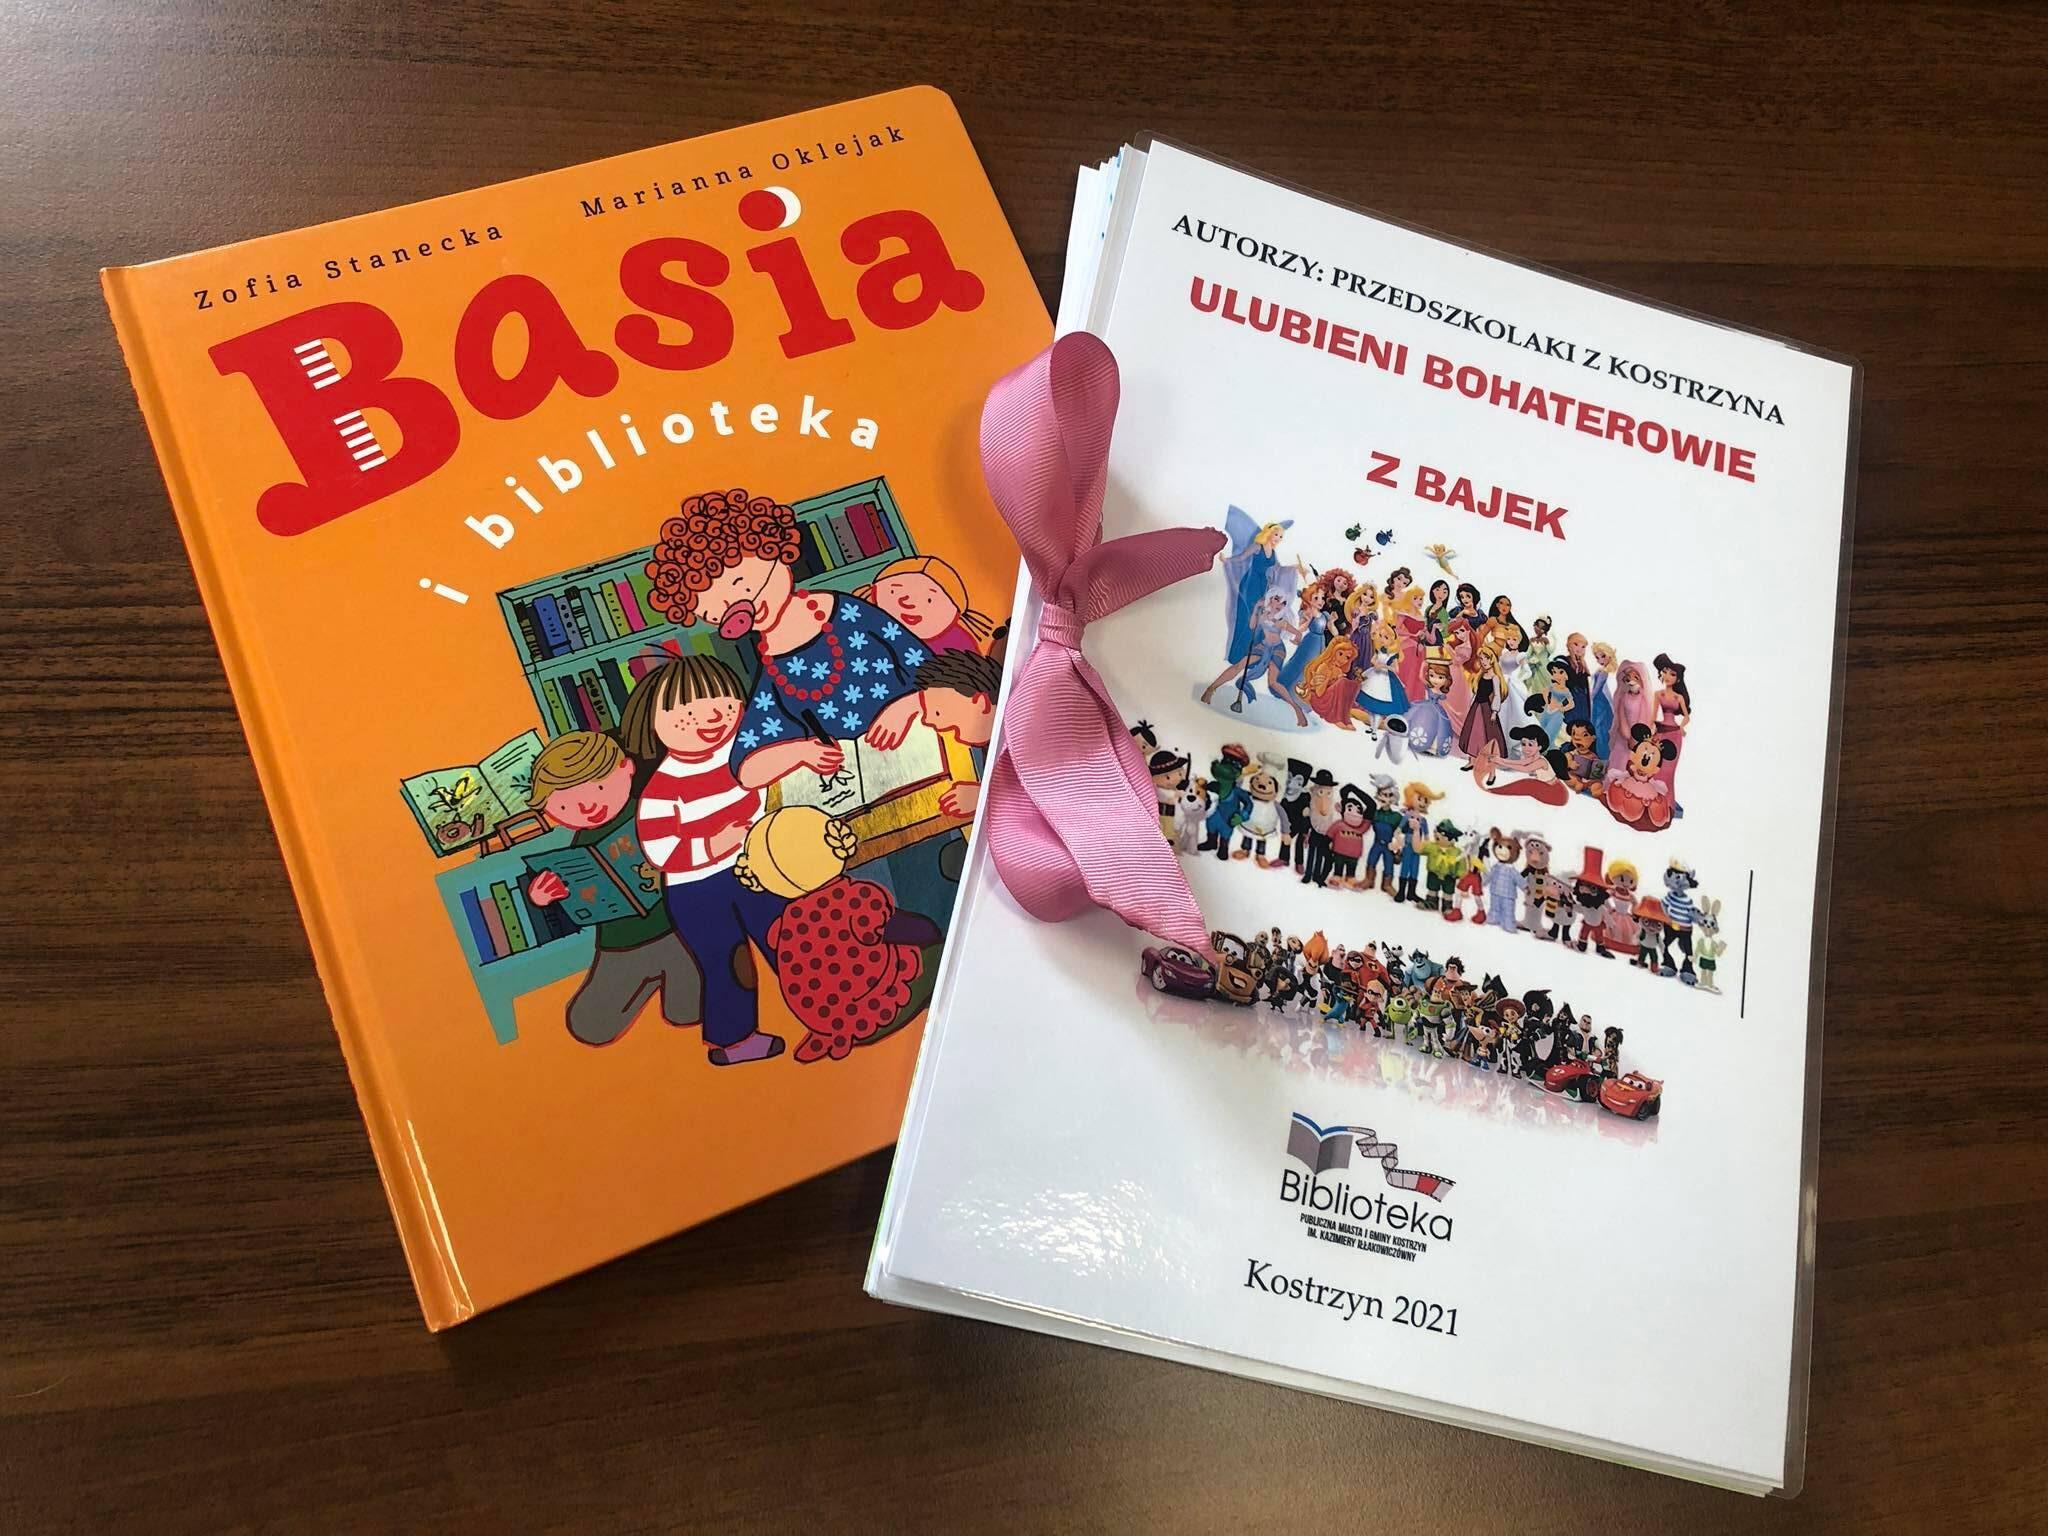 """Na zdjęciu książka pt. """"Basia"""" oraz książka stworzona z rysunków wykonanych przez dzieci podczas Literackiego Czwartku."""